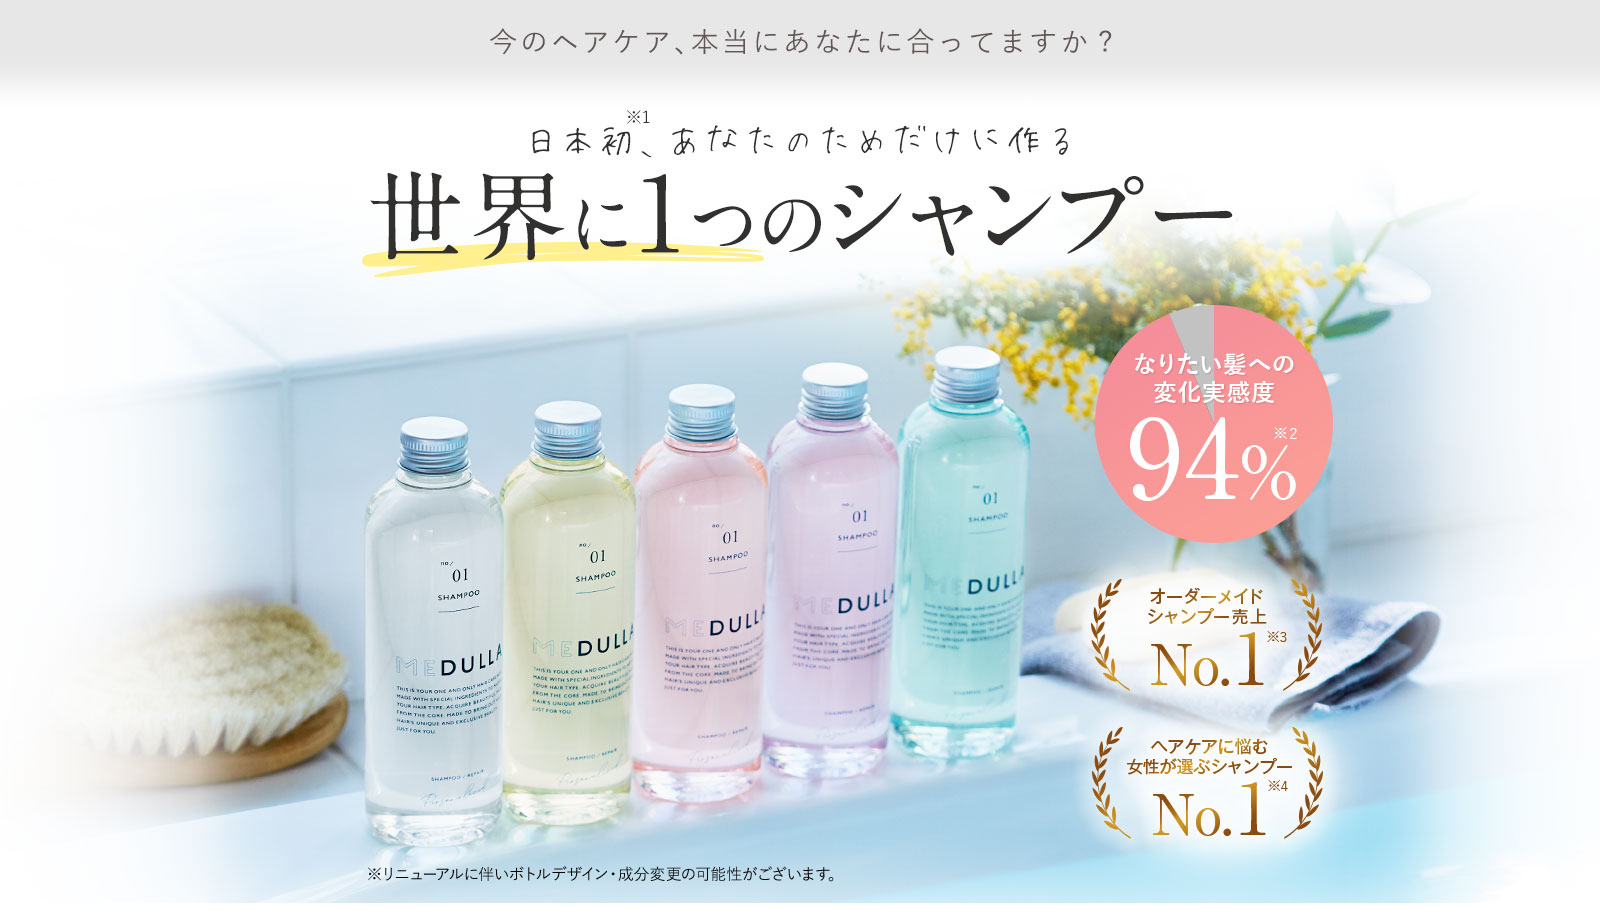 MEDULLA(メデュラ) 日本初、あなたのためだけに作る世界に1つのシャンプー